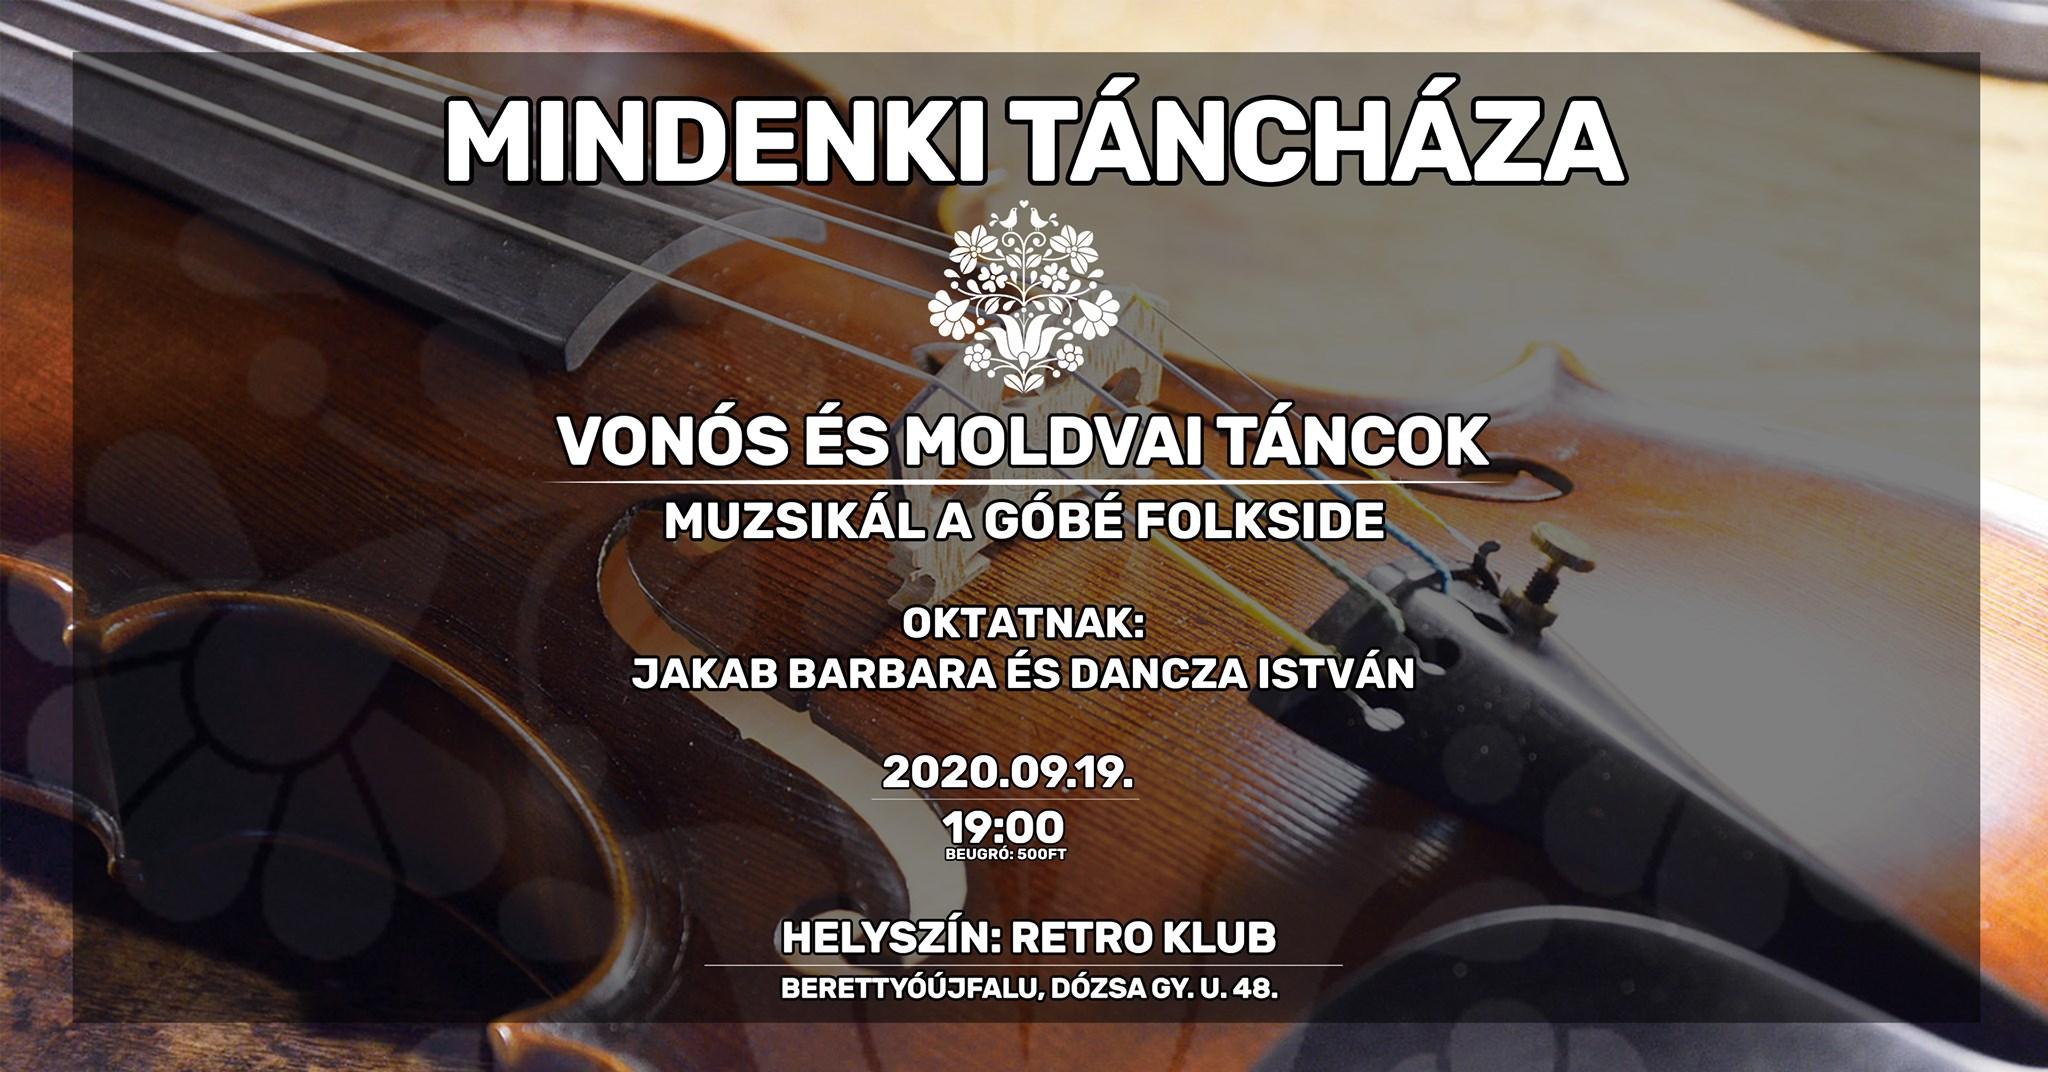 Mindenki táncháza-Vonós és moldvai táncok